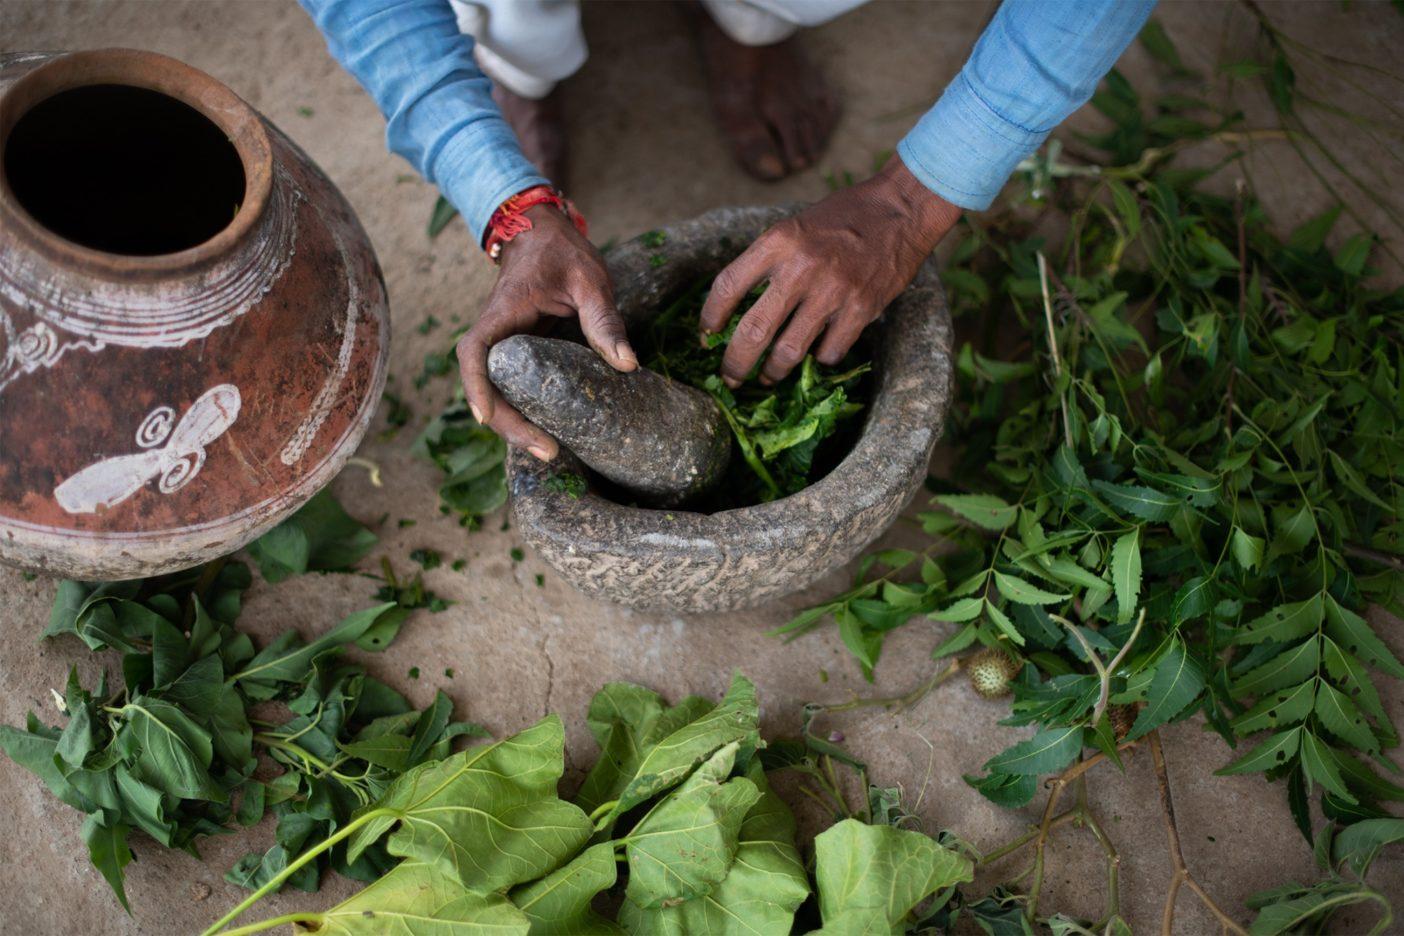 5種類の異なる植物の葉をすり潰して作るこの自然の殺虫剤は、土釜で1週間寝かせてから半分の量まで煮詰められ、それから水と混ぜて畑に散布される。Photo:Hashim Badani